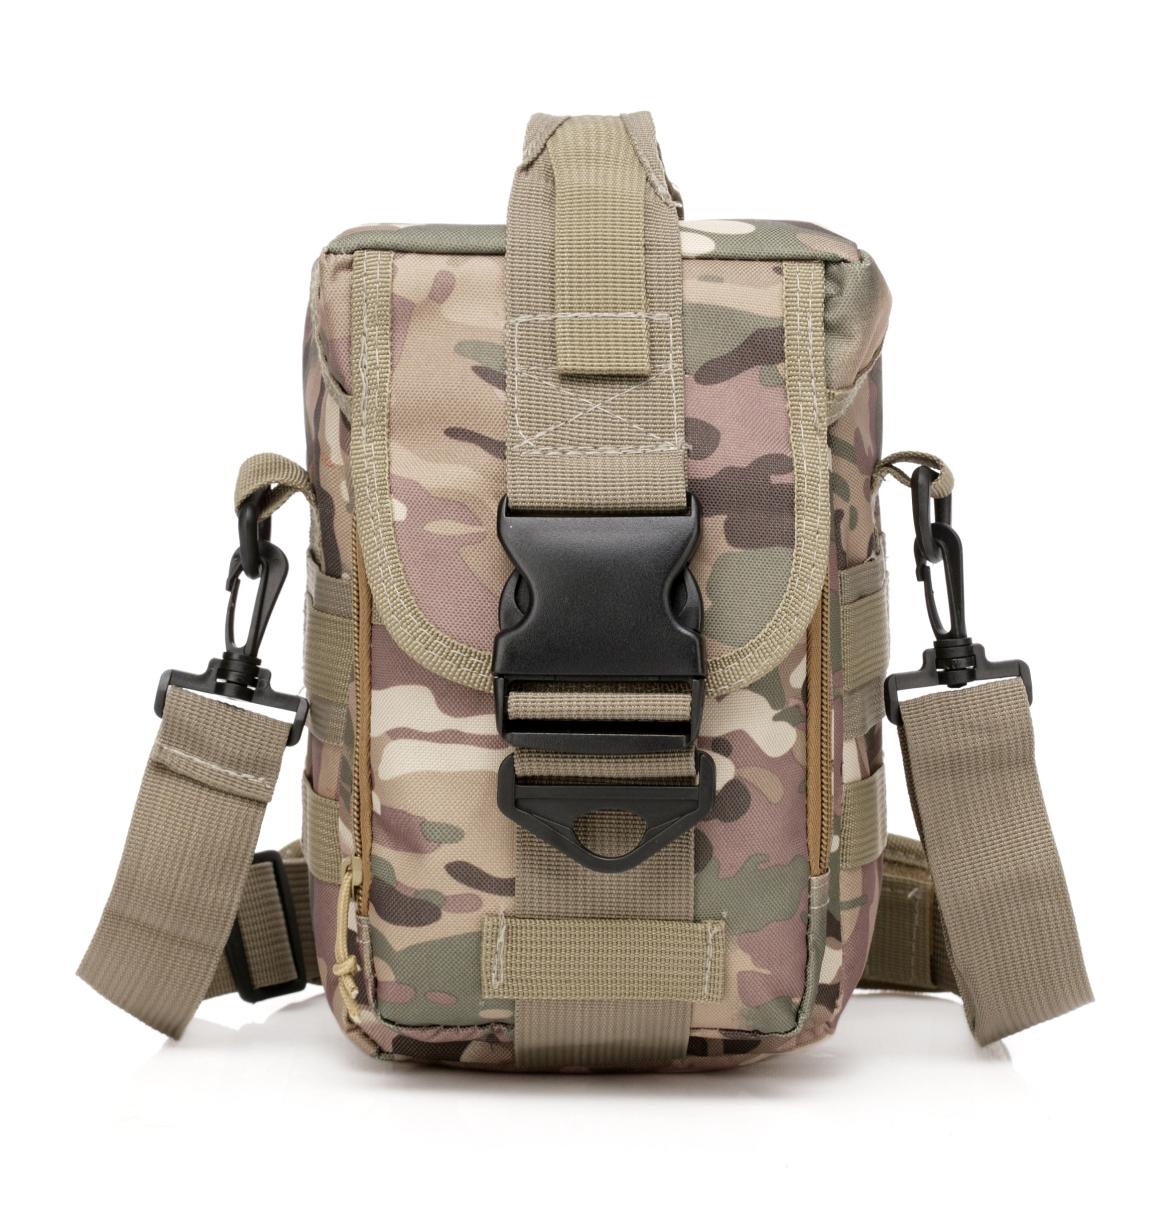 Тактическая сумка с широким ремнём через плечо купить недорого